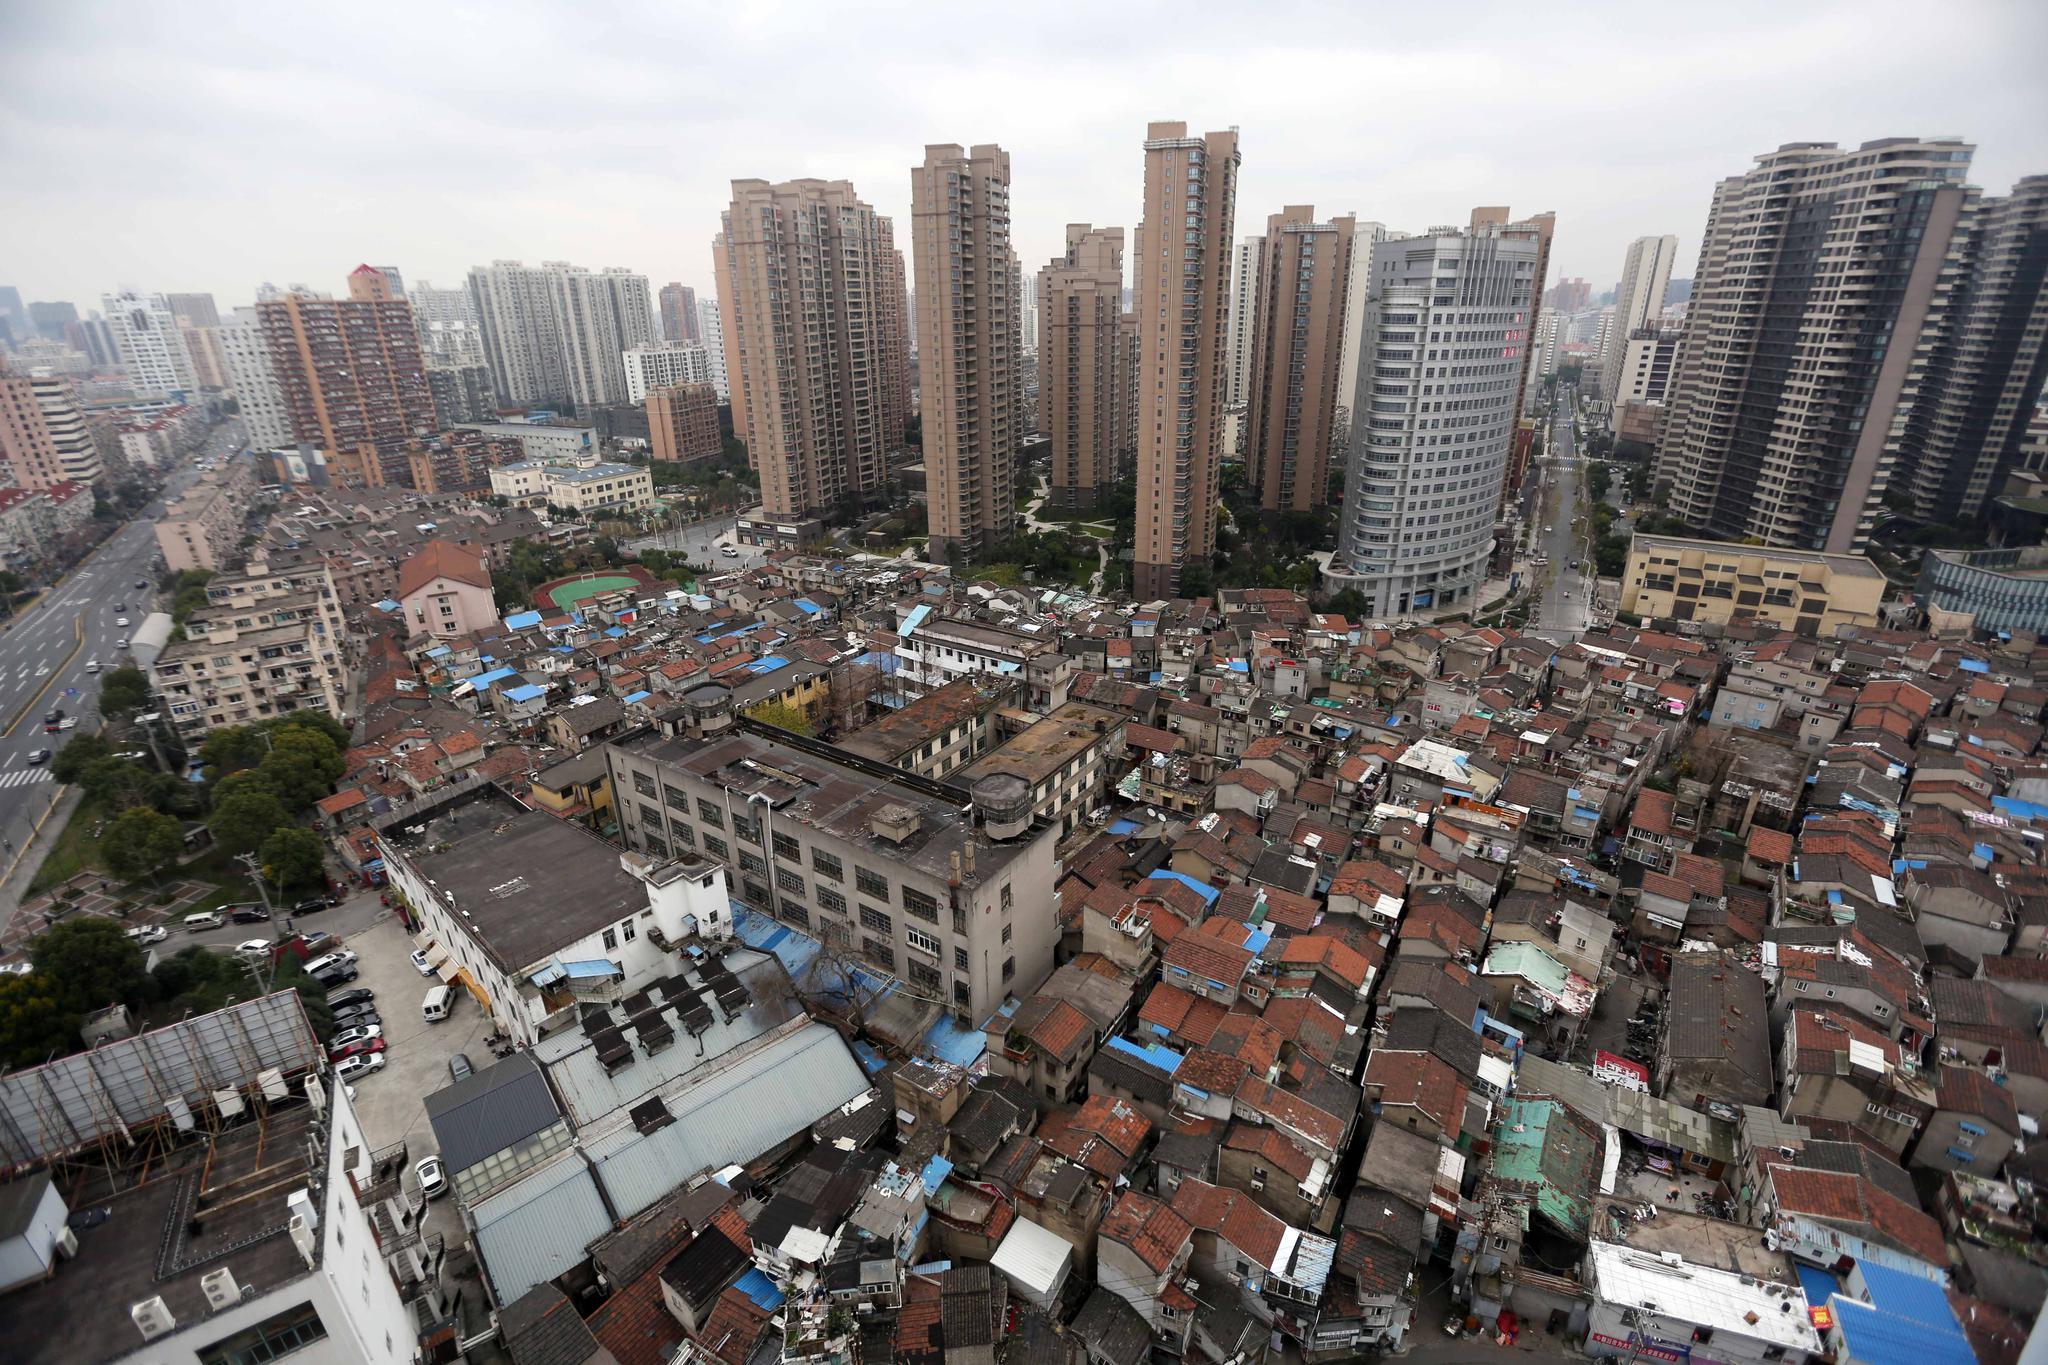 又一批土豪!上海最大棚户区改造 周边房价8万(图)